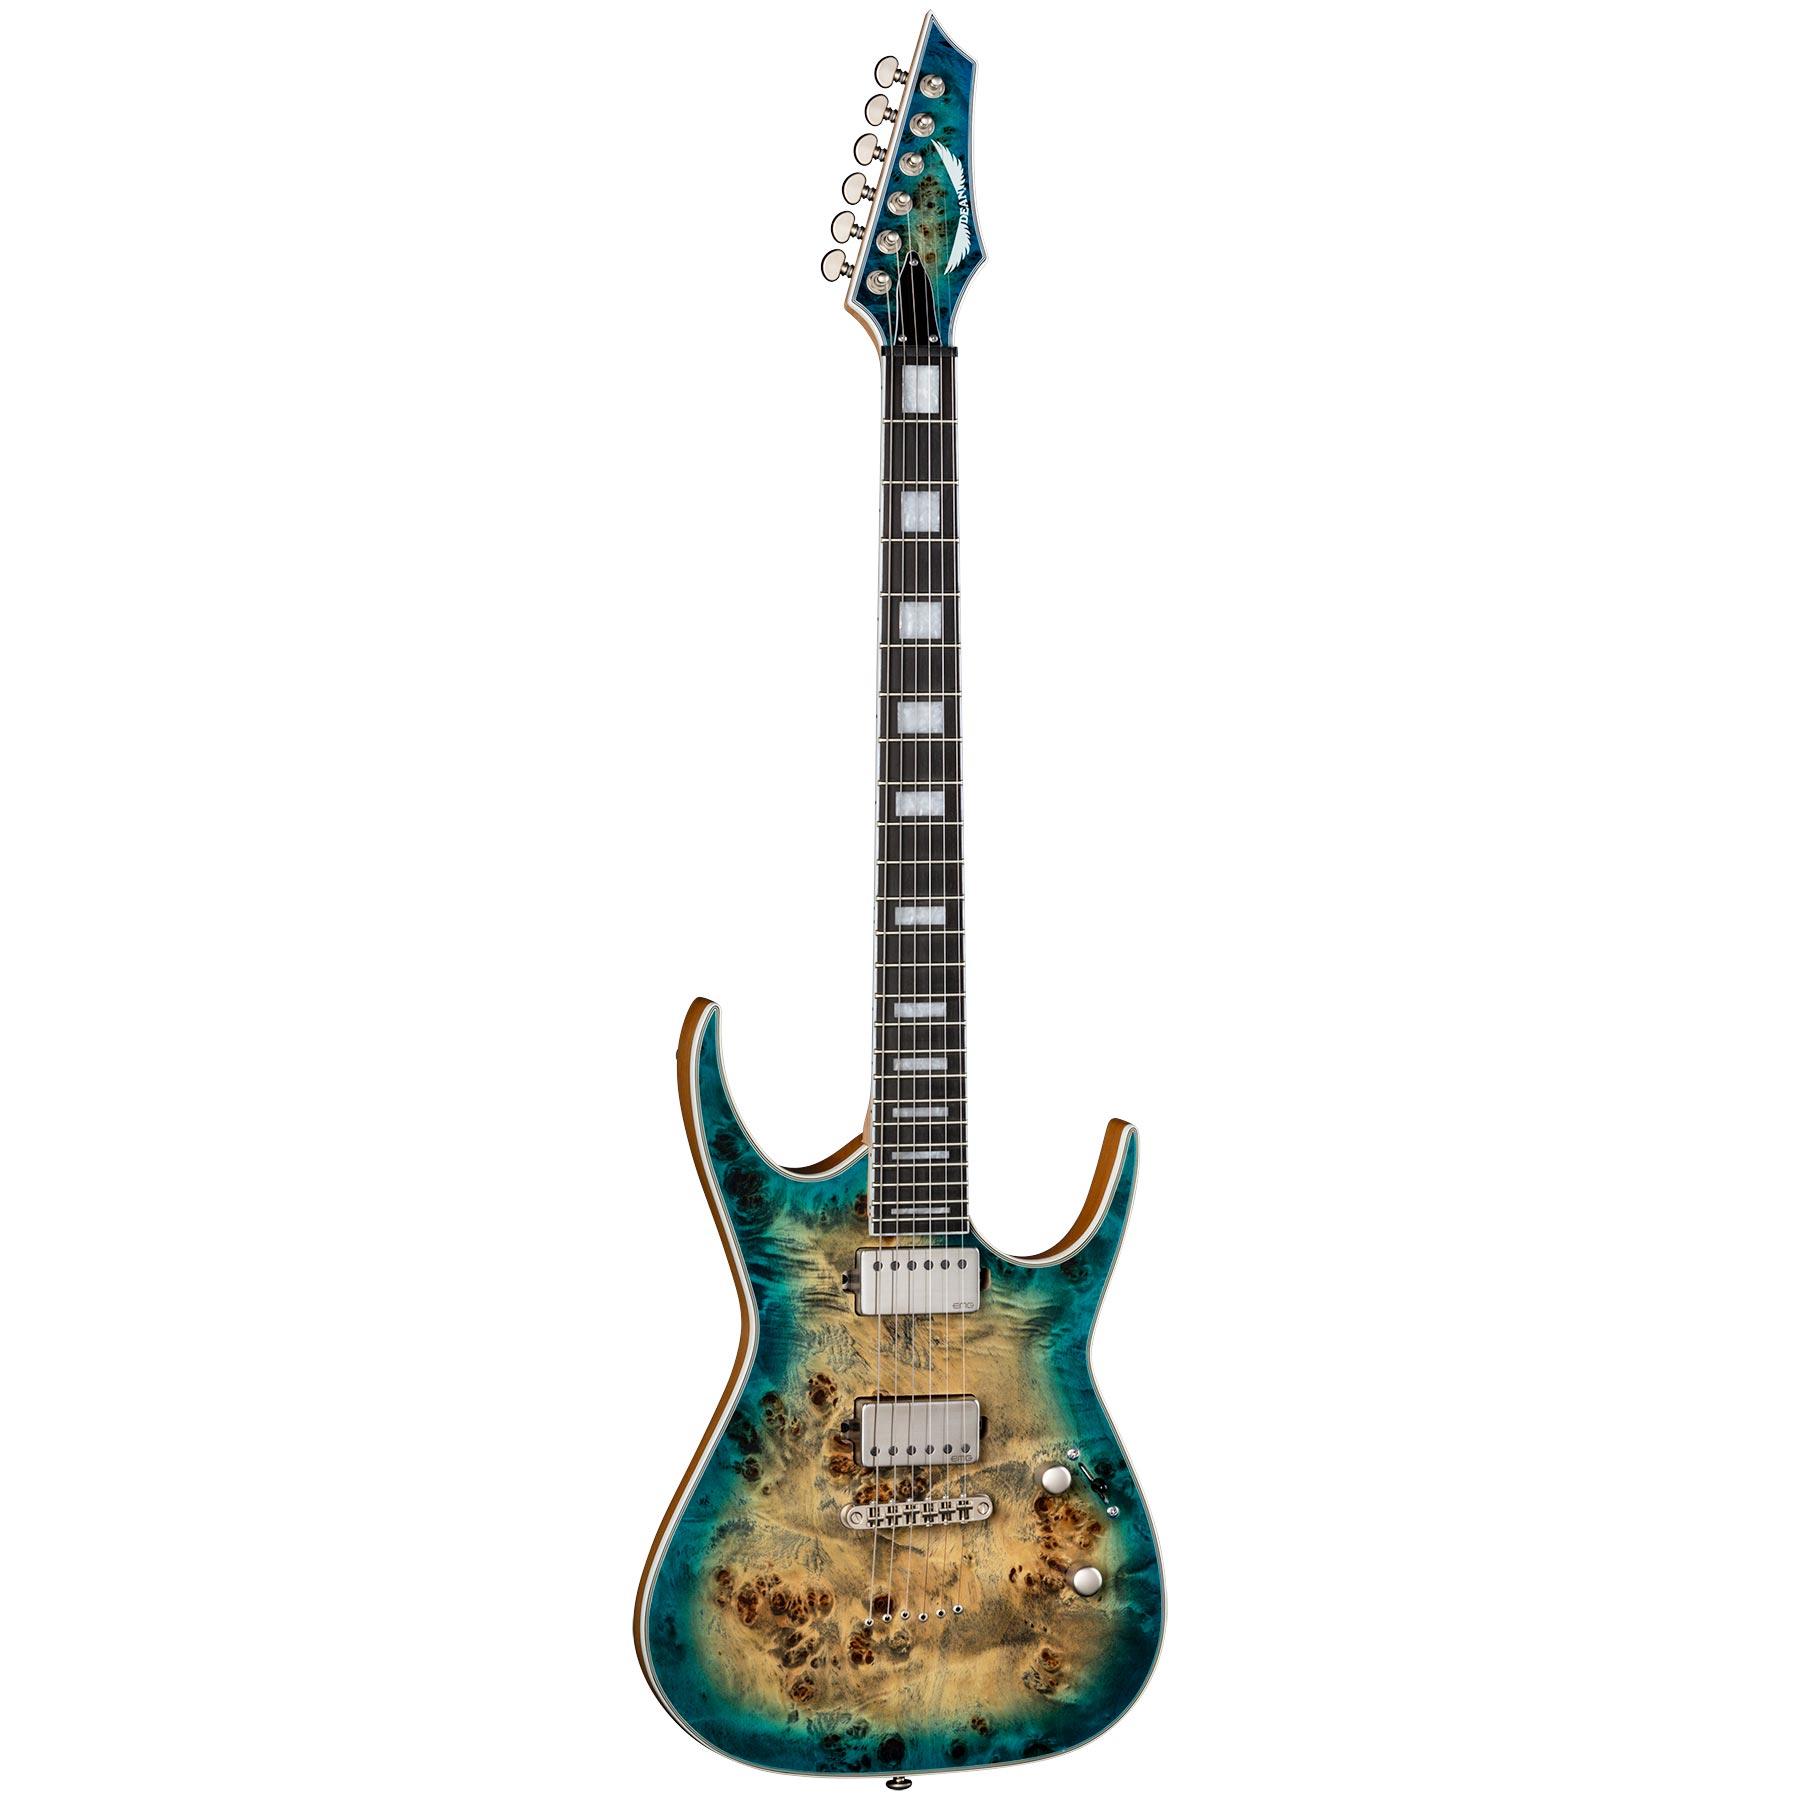 Dean Guitars SJ Art Series Guitars : Gear Vault